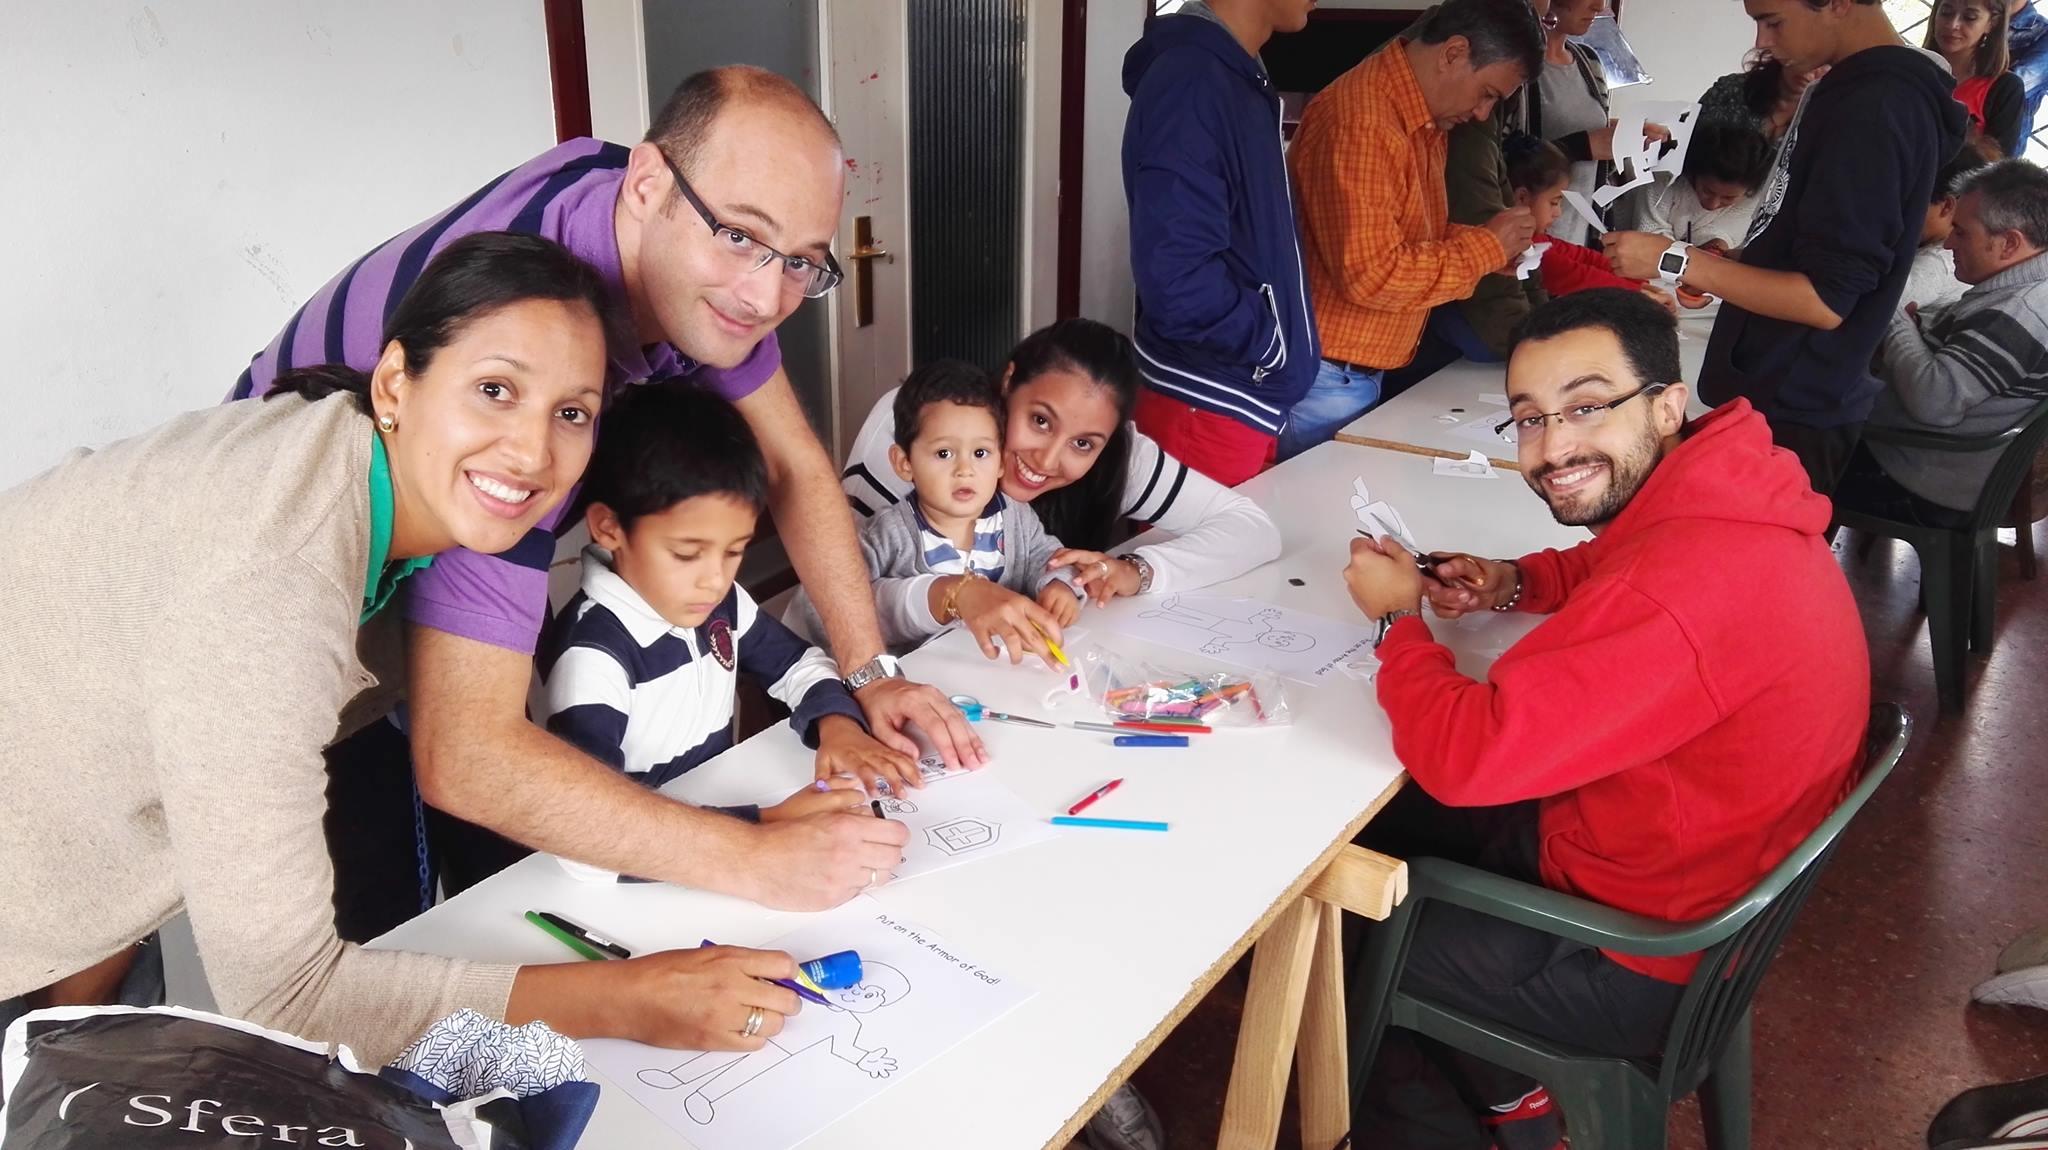 2016.09.17 y 18 - Convivencia Sector Familias (2).jpg